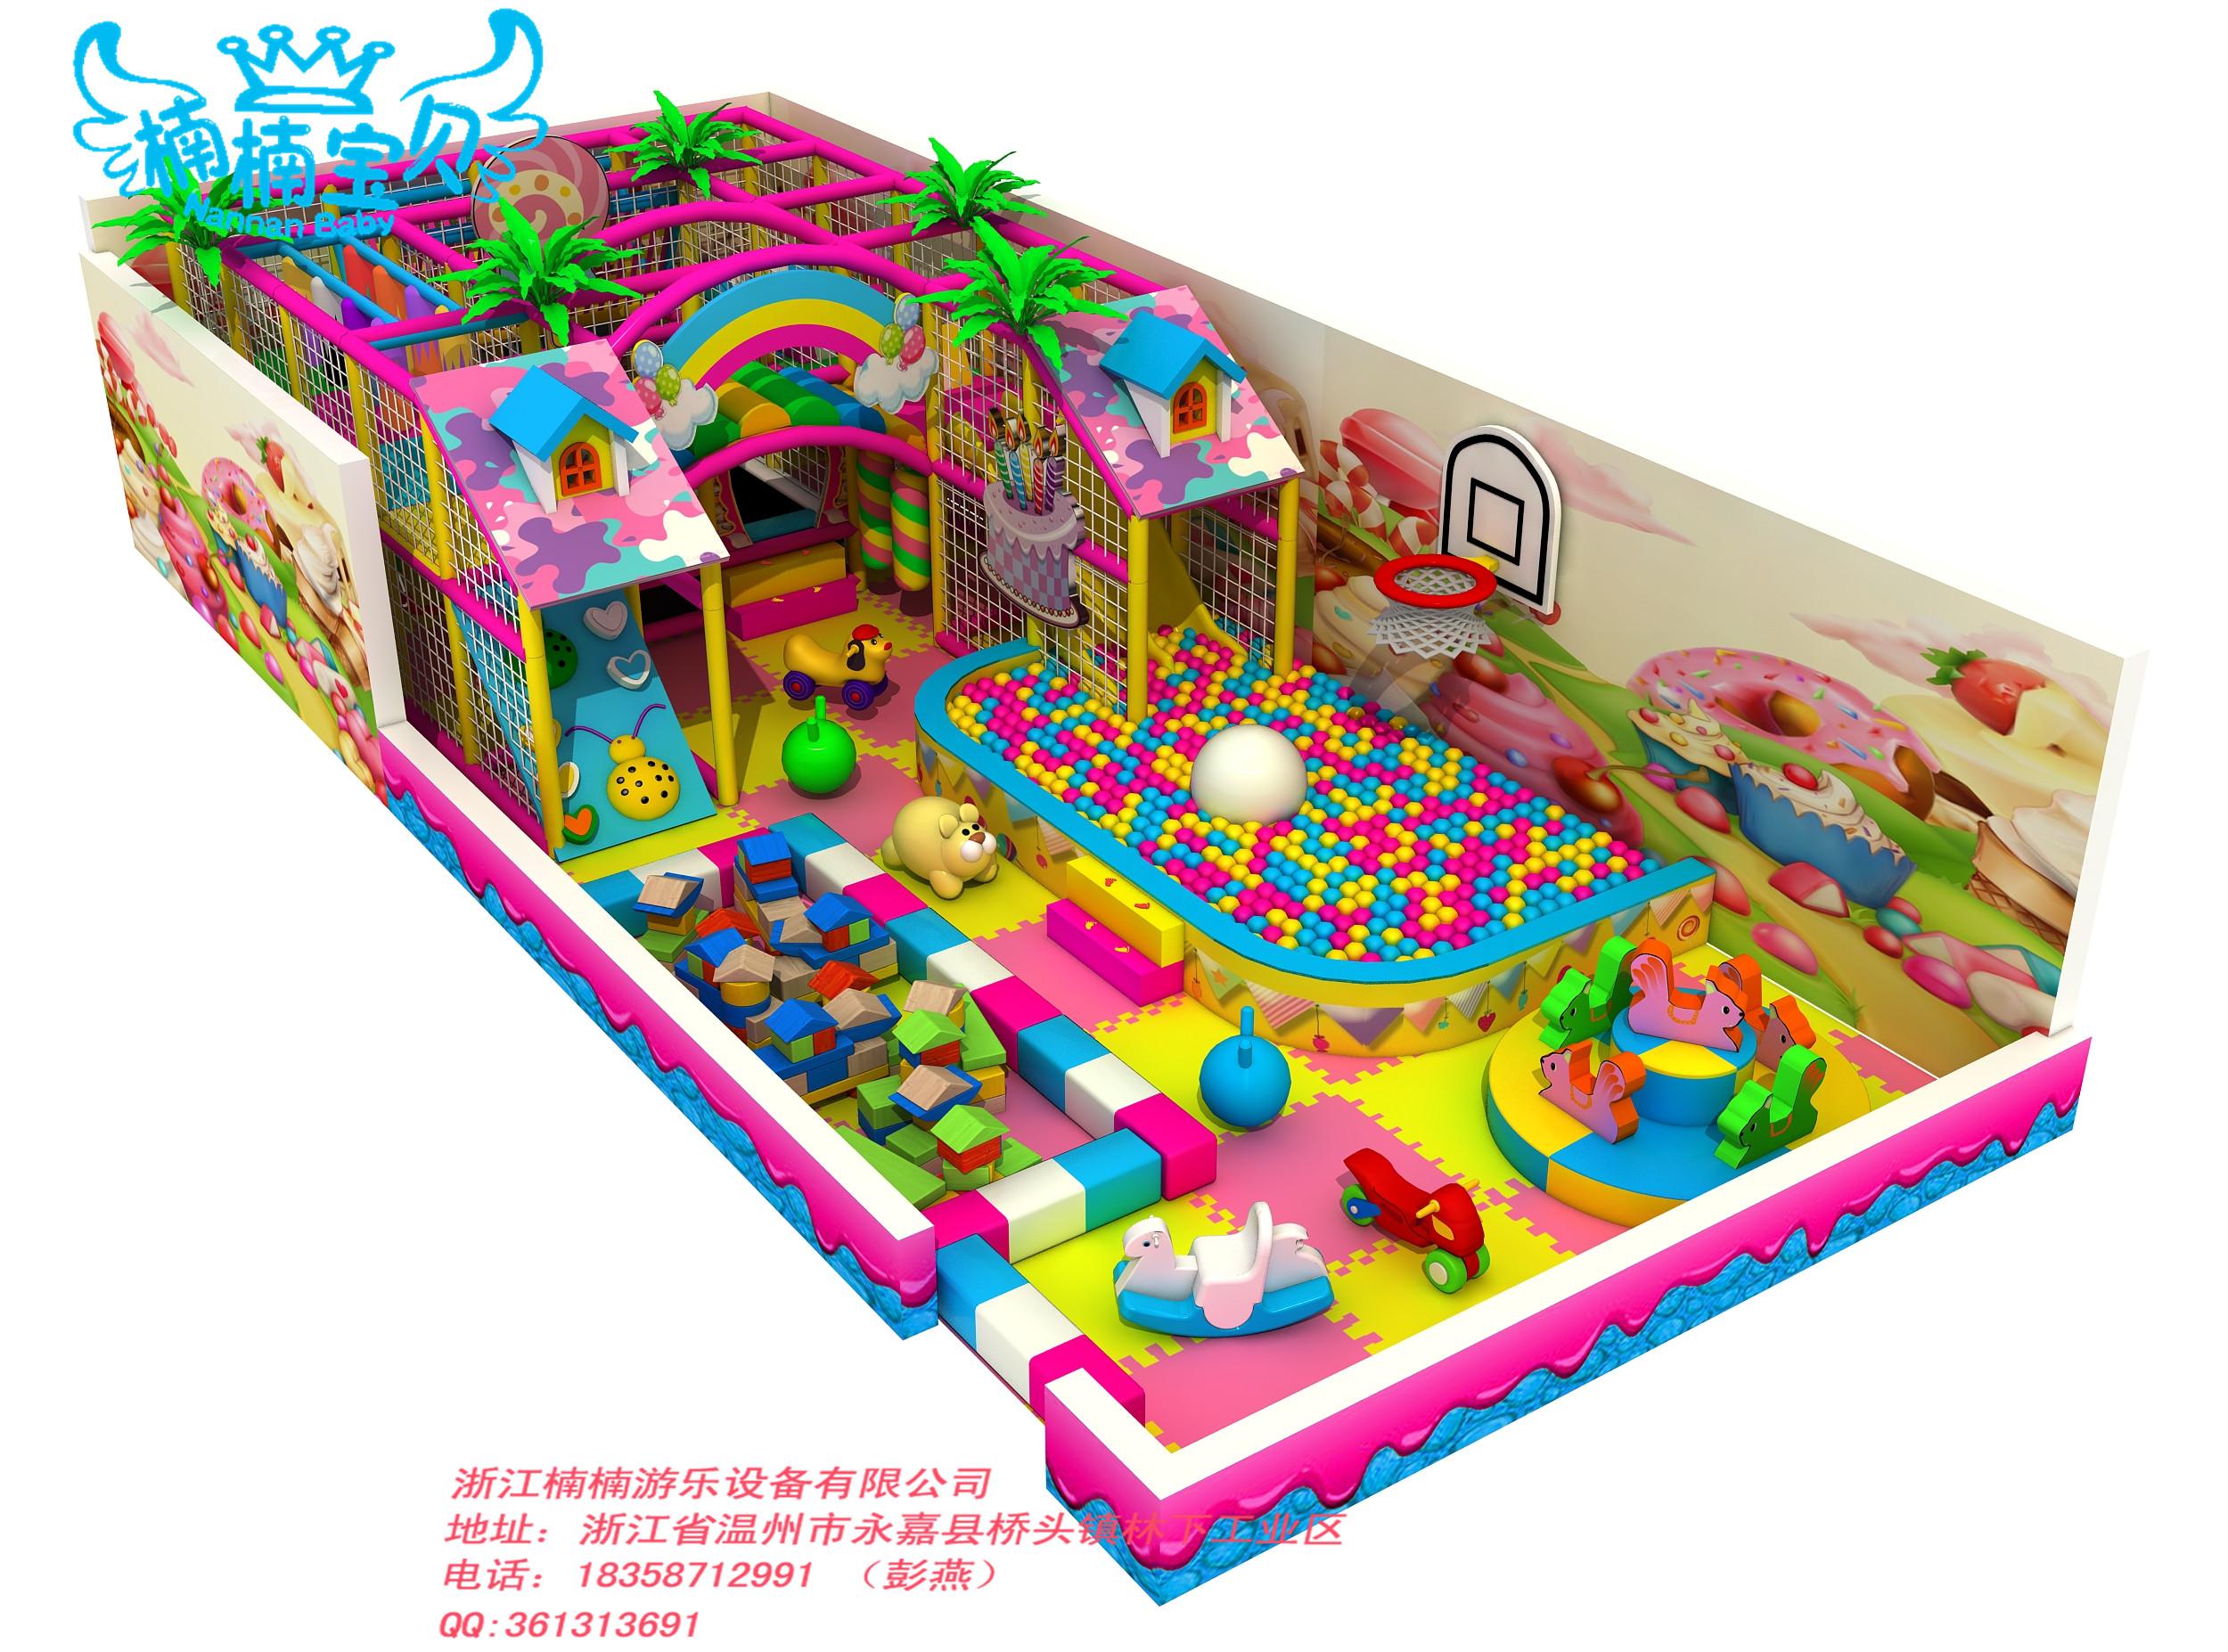 高端淘气堡 儿童乐园 幼教产品销售